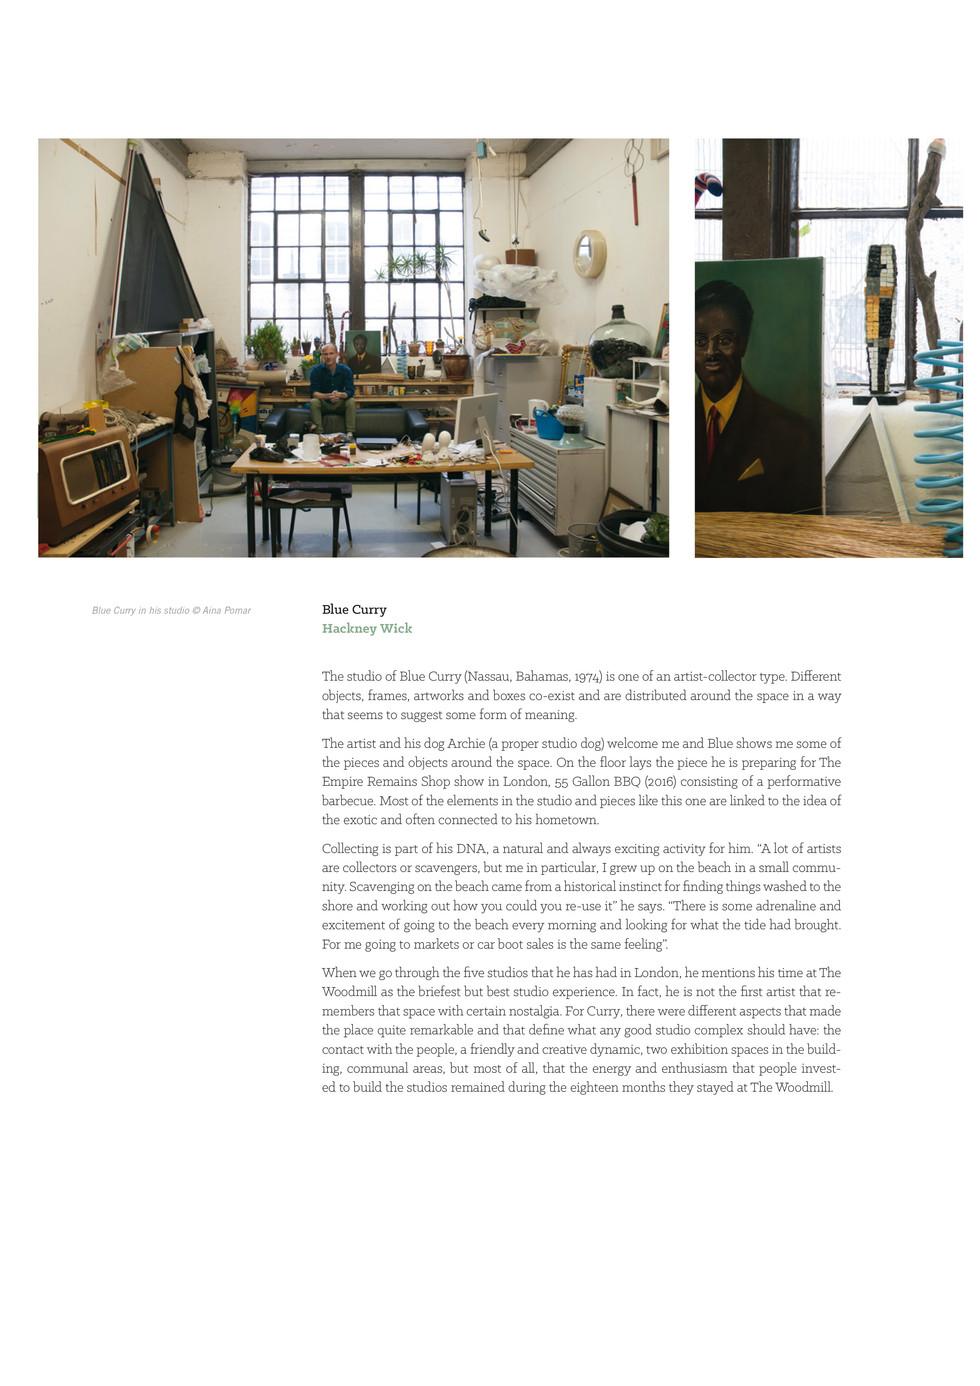 Aina pomar - A Room of One's Own-01.jpg